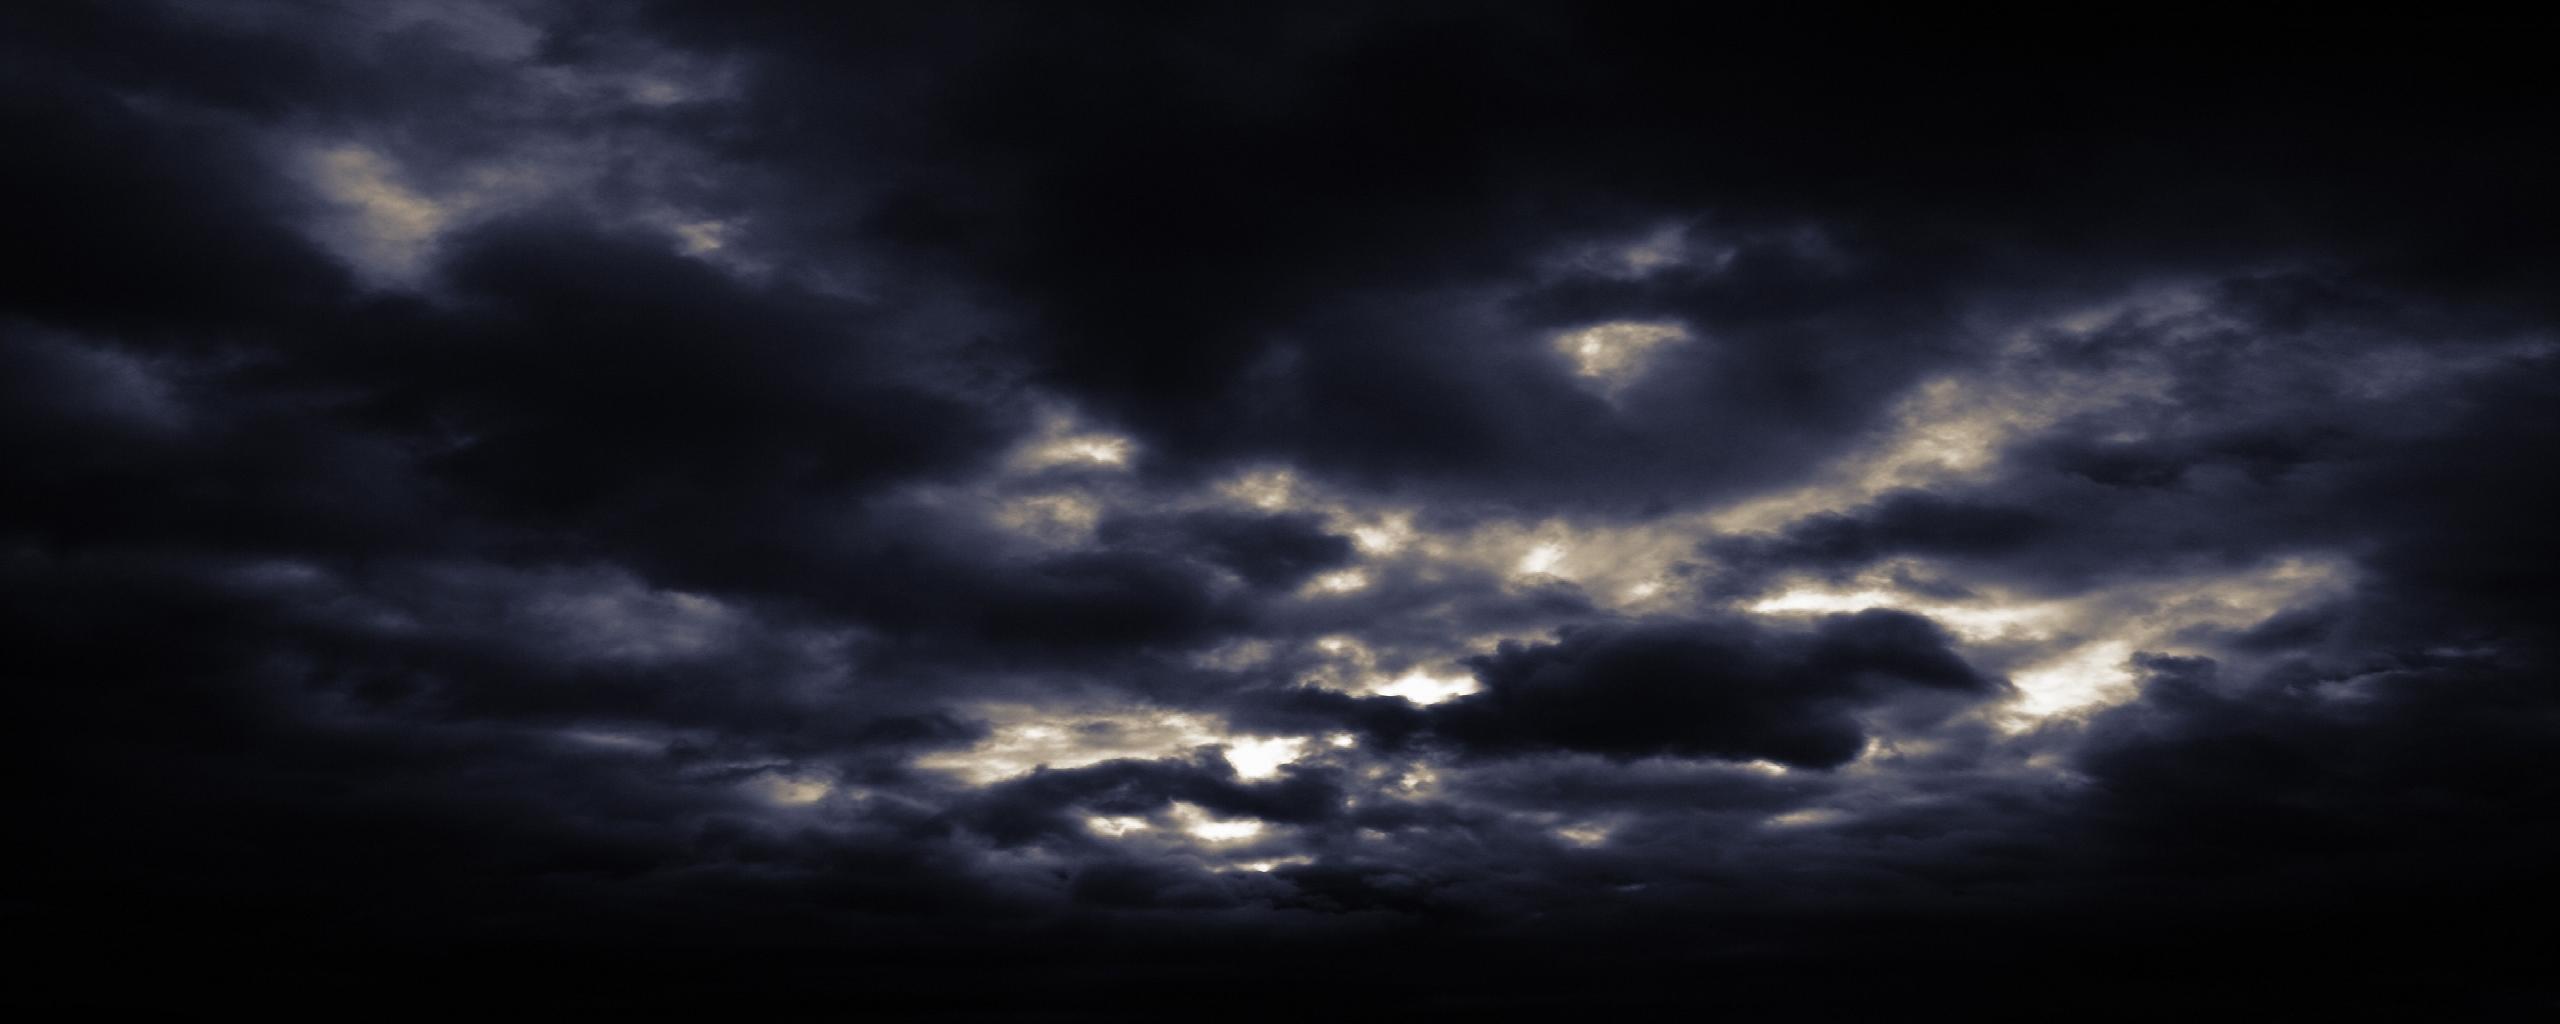 Best Dark Sky Backgrounds 12242 - HDWPro